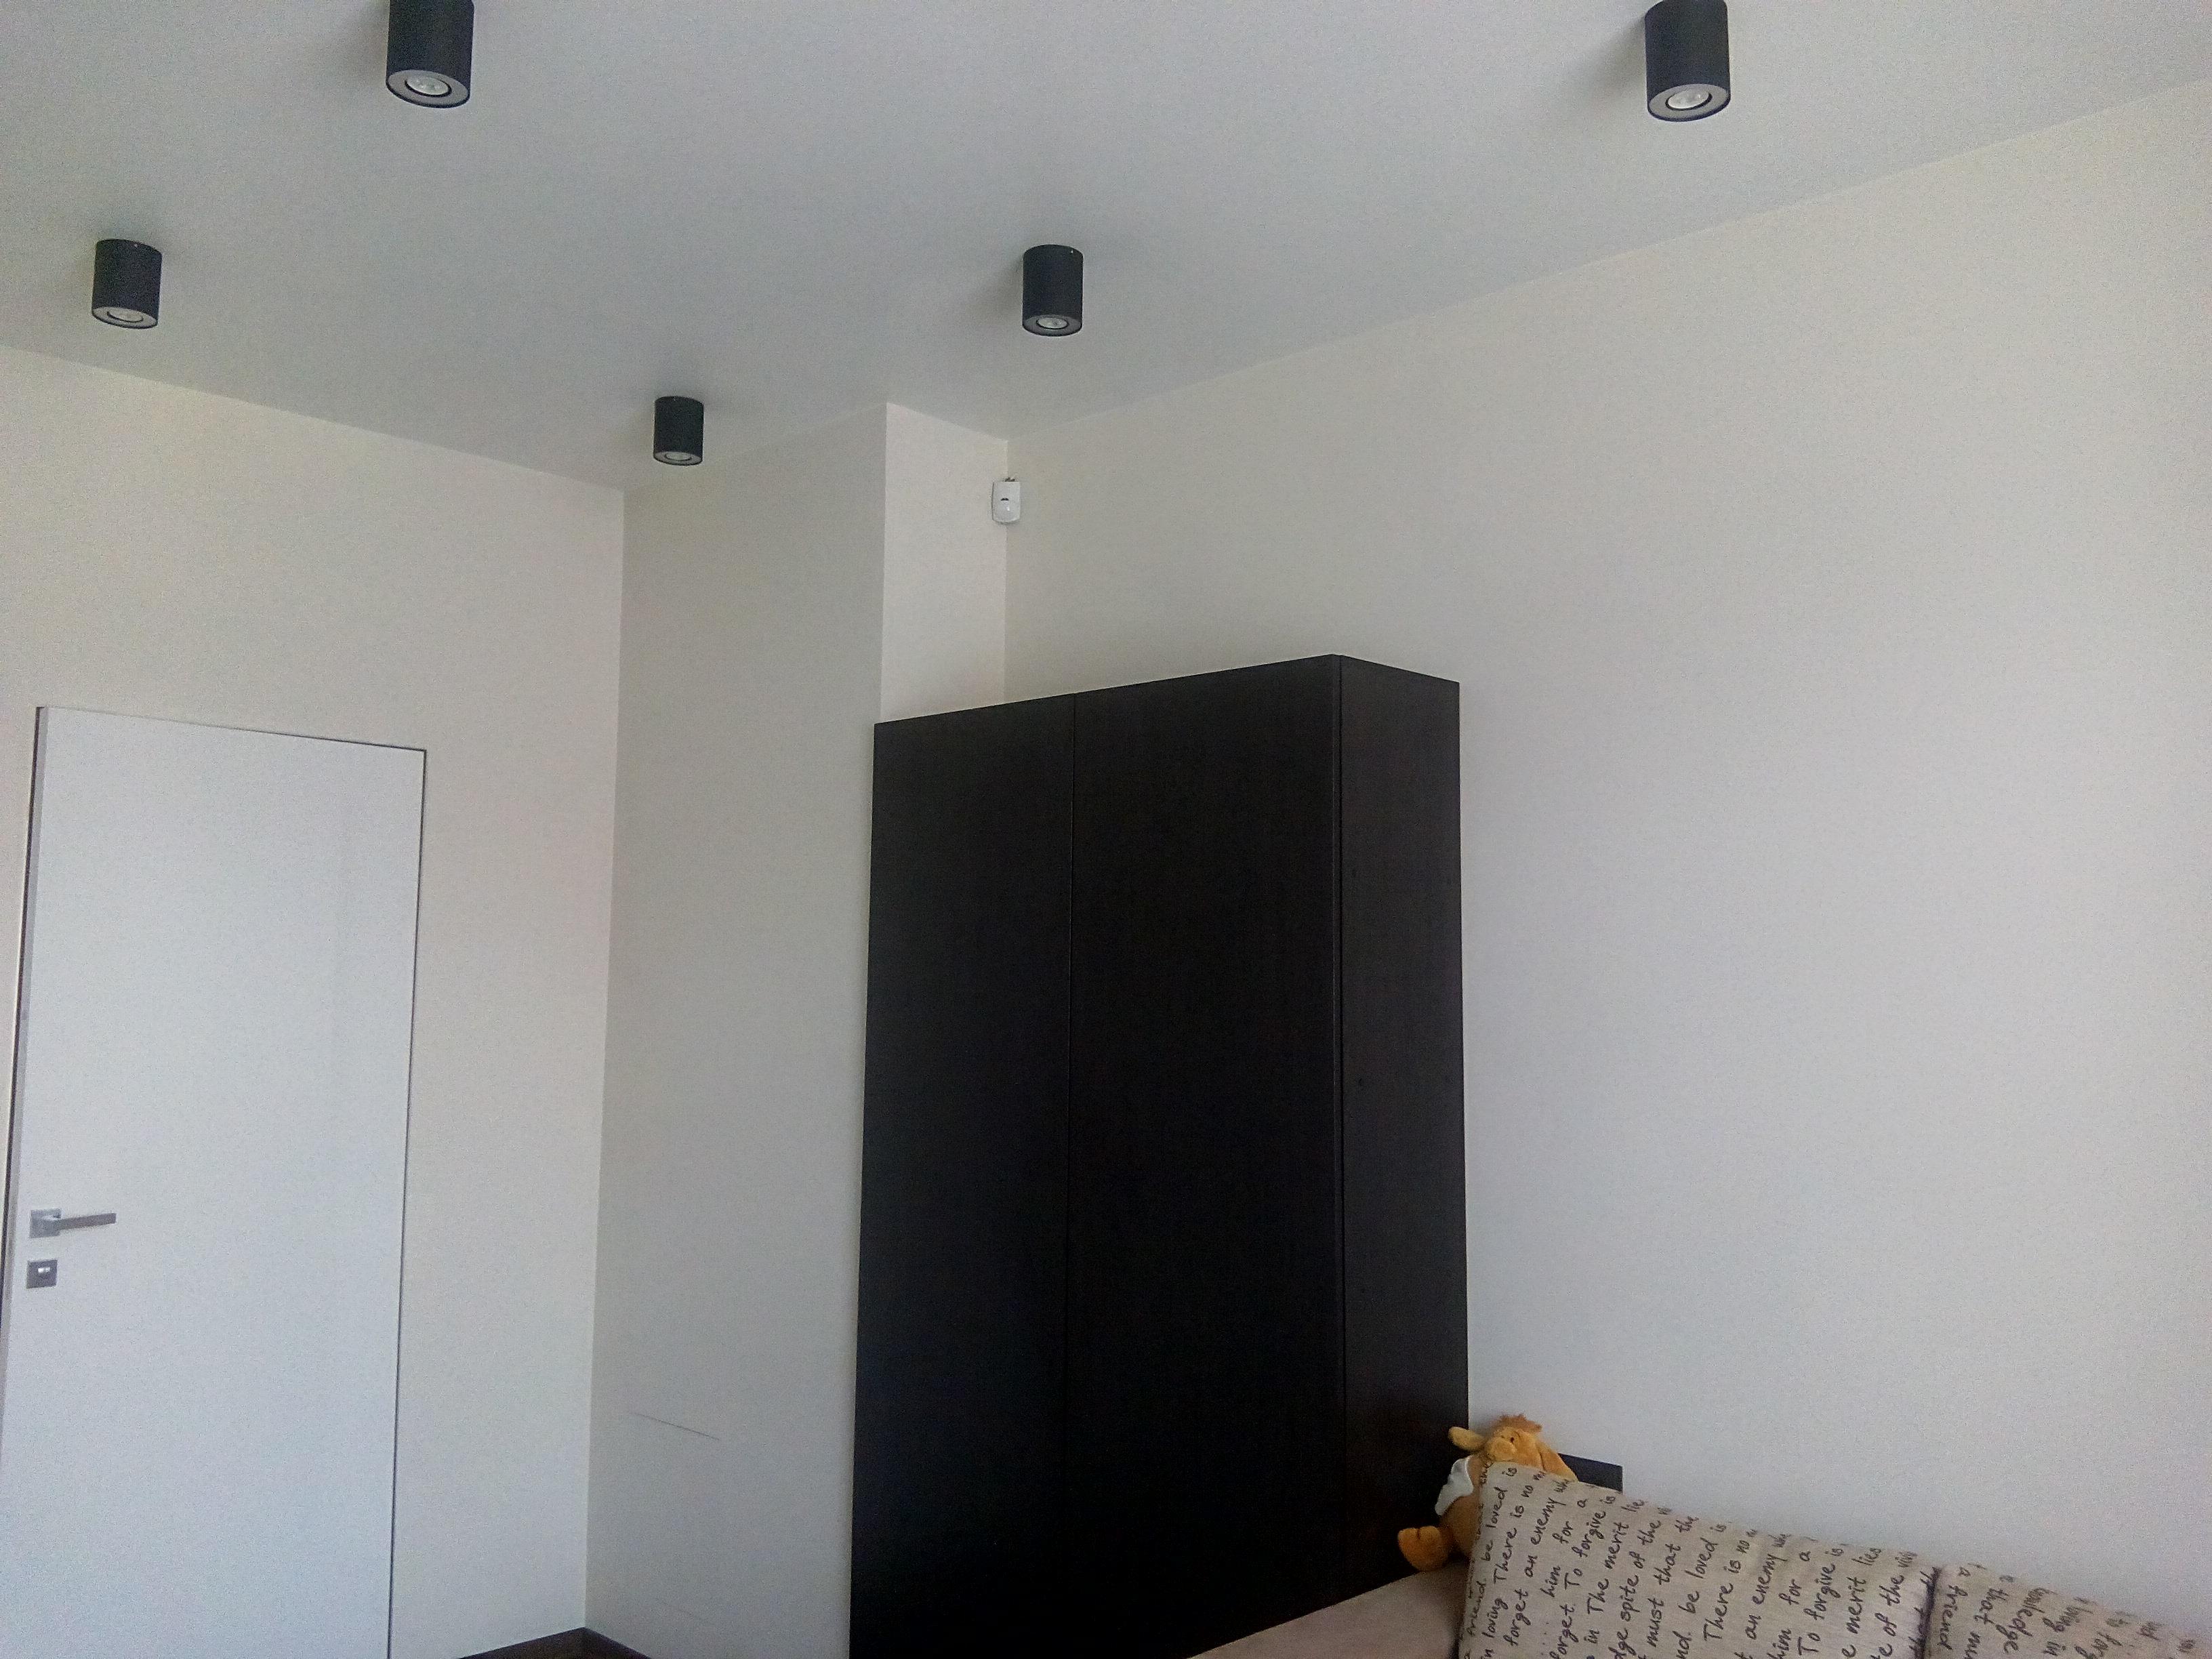 Фото 3 этажа, установка охранной сигнализации + програмирование; лунь 11; Линд - 11; 15 беспроводных датчиков открытия Ajax DoorProtect; 10 Датчиков движения.